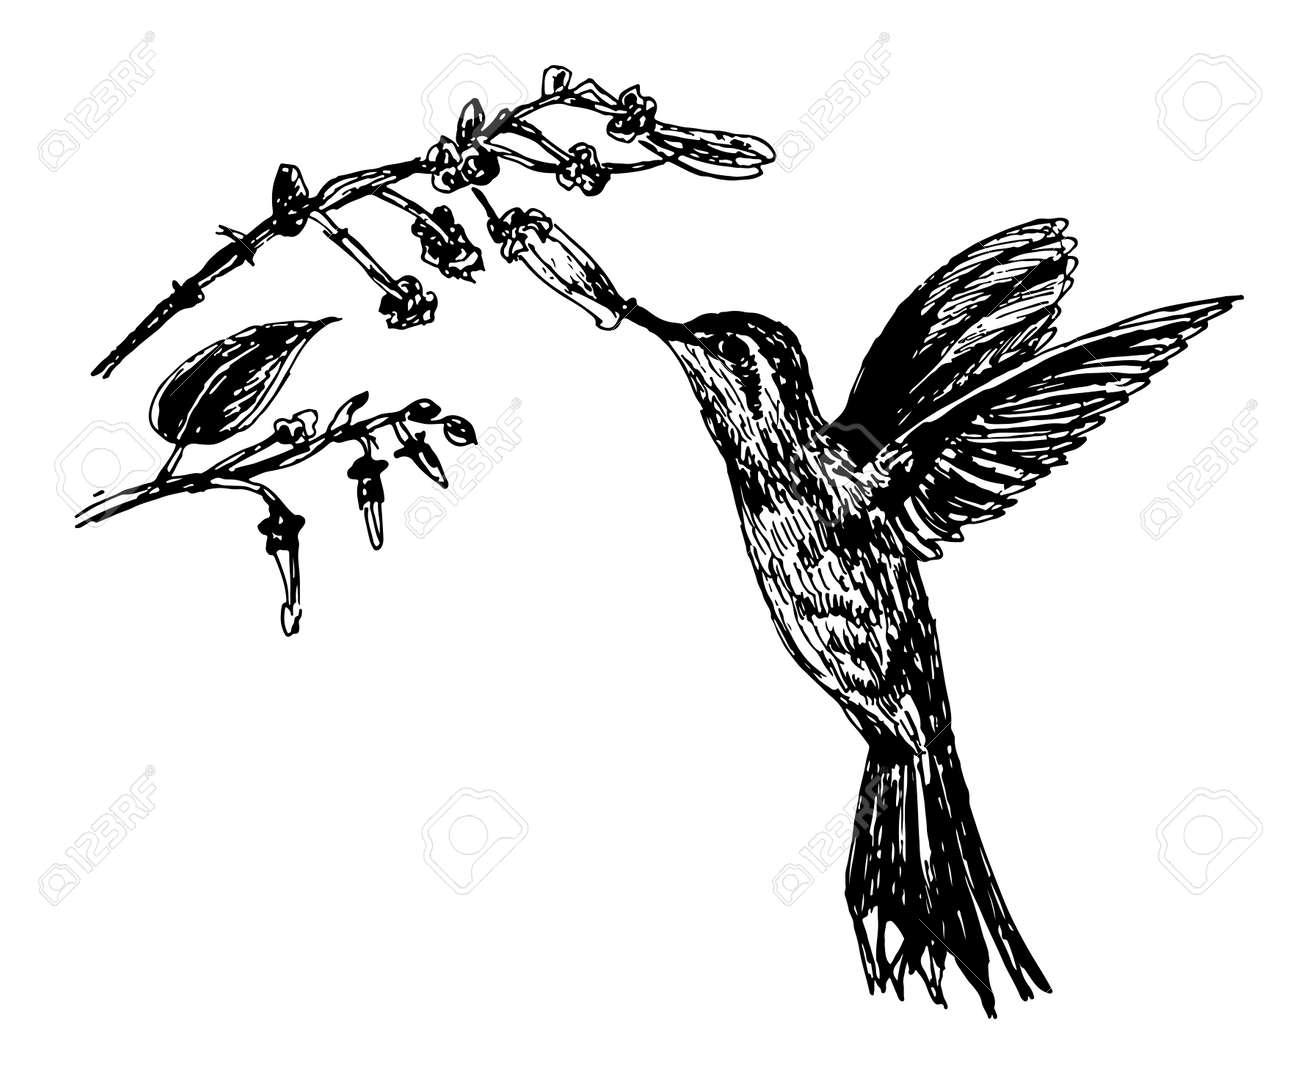 Dessin Petits Colibris D Oiseaux Et De Branche Fleurie Tire Par La